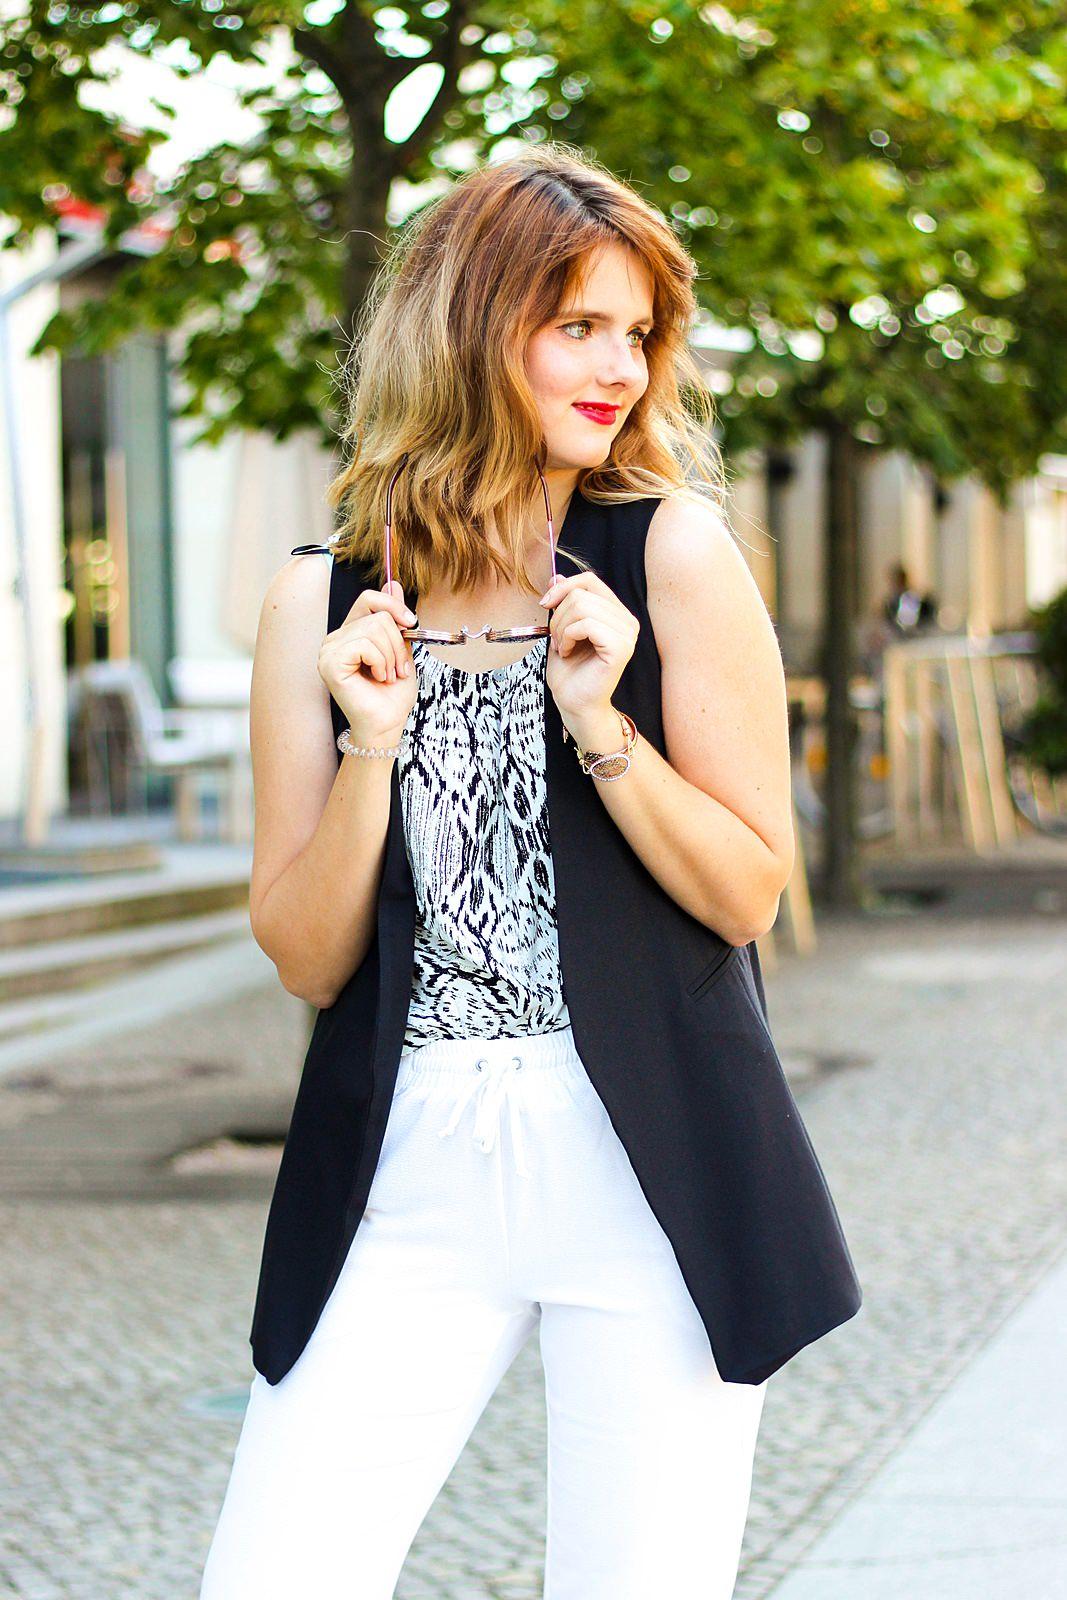 desbelleschoses-schwarz-weiß-look-auf-der-fashion-week-berlin-weiße-joggingpants-high-heels-peter-kaiser-retro-sonnenbrille 1